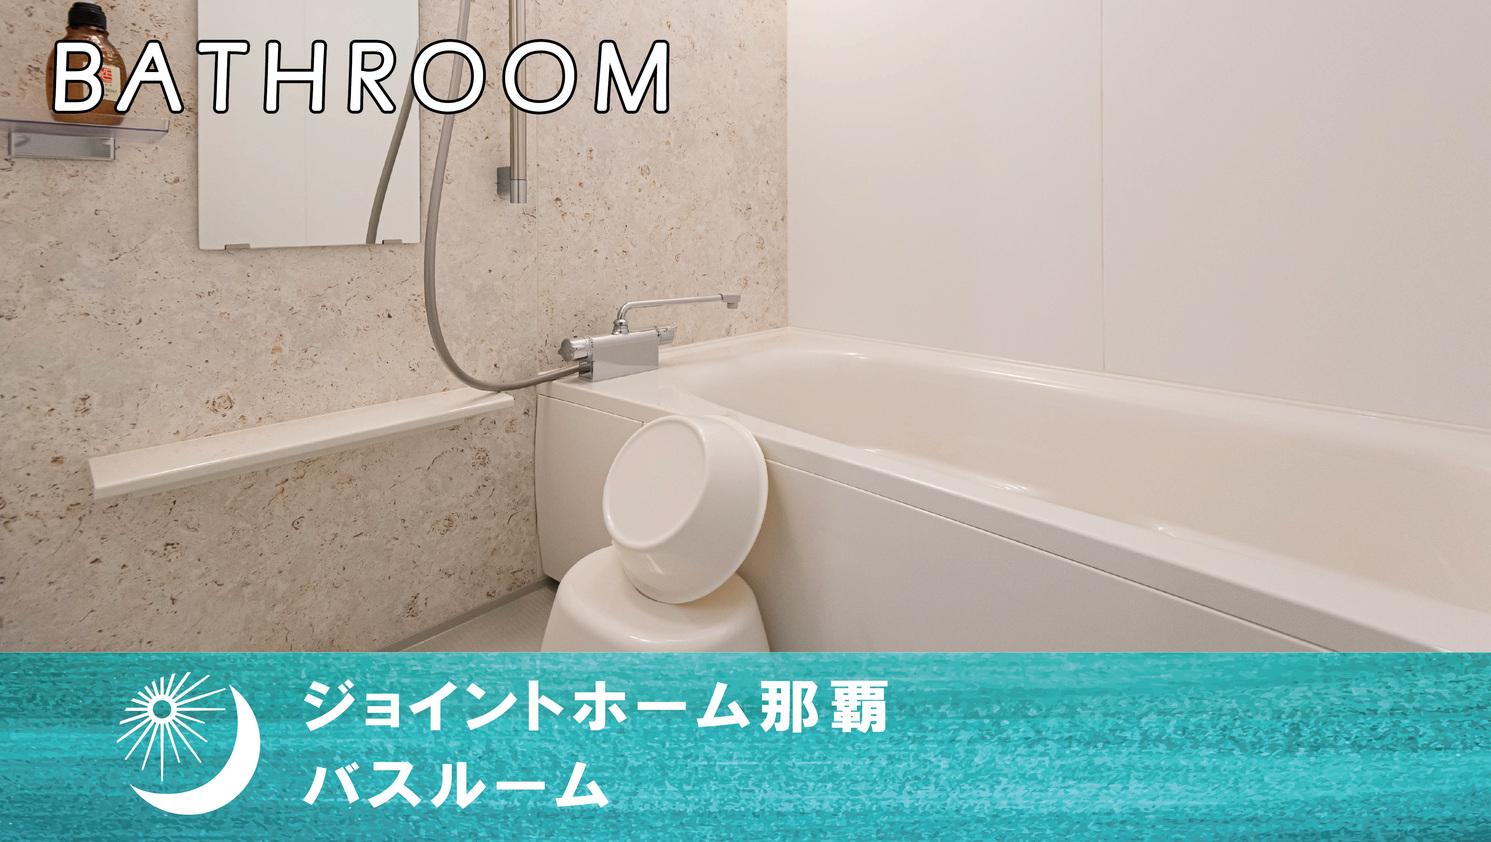 【バスルーム】